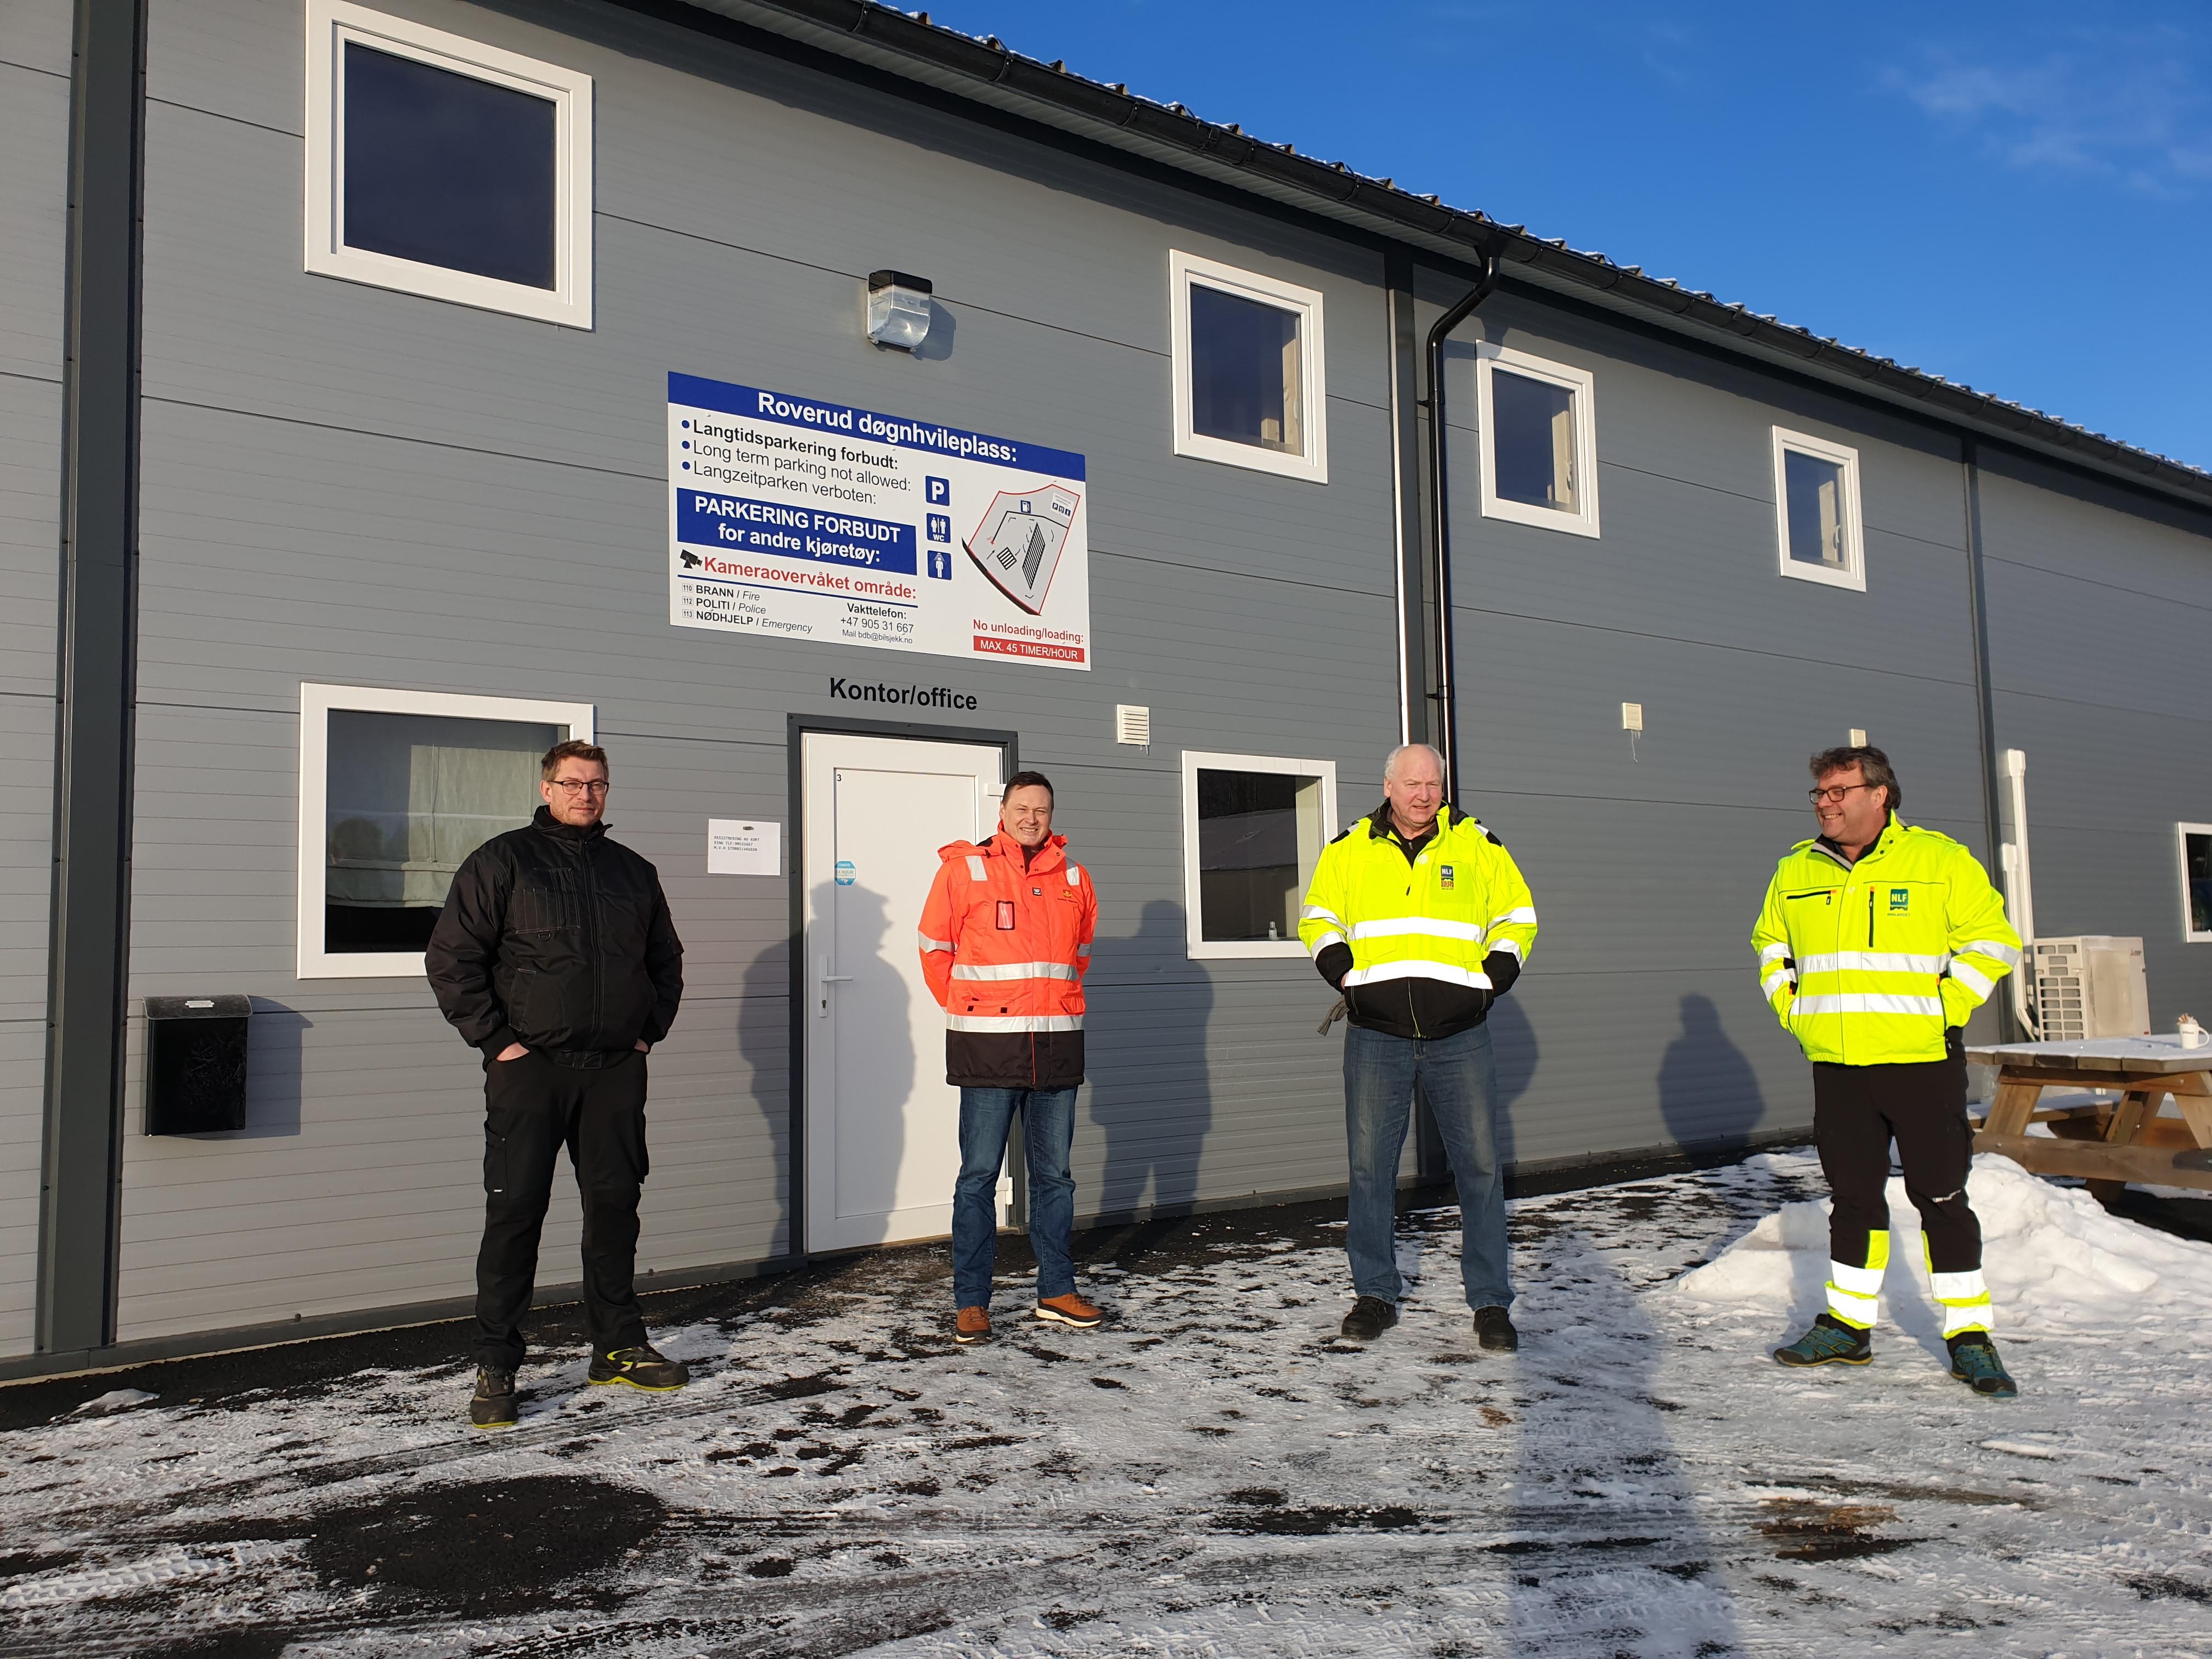 Etterlengtet døgnhvileplass åpnet ved Kongsvinger